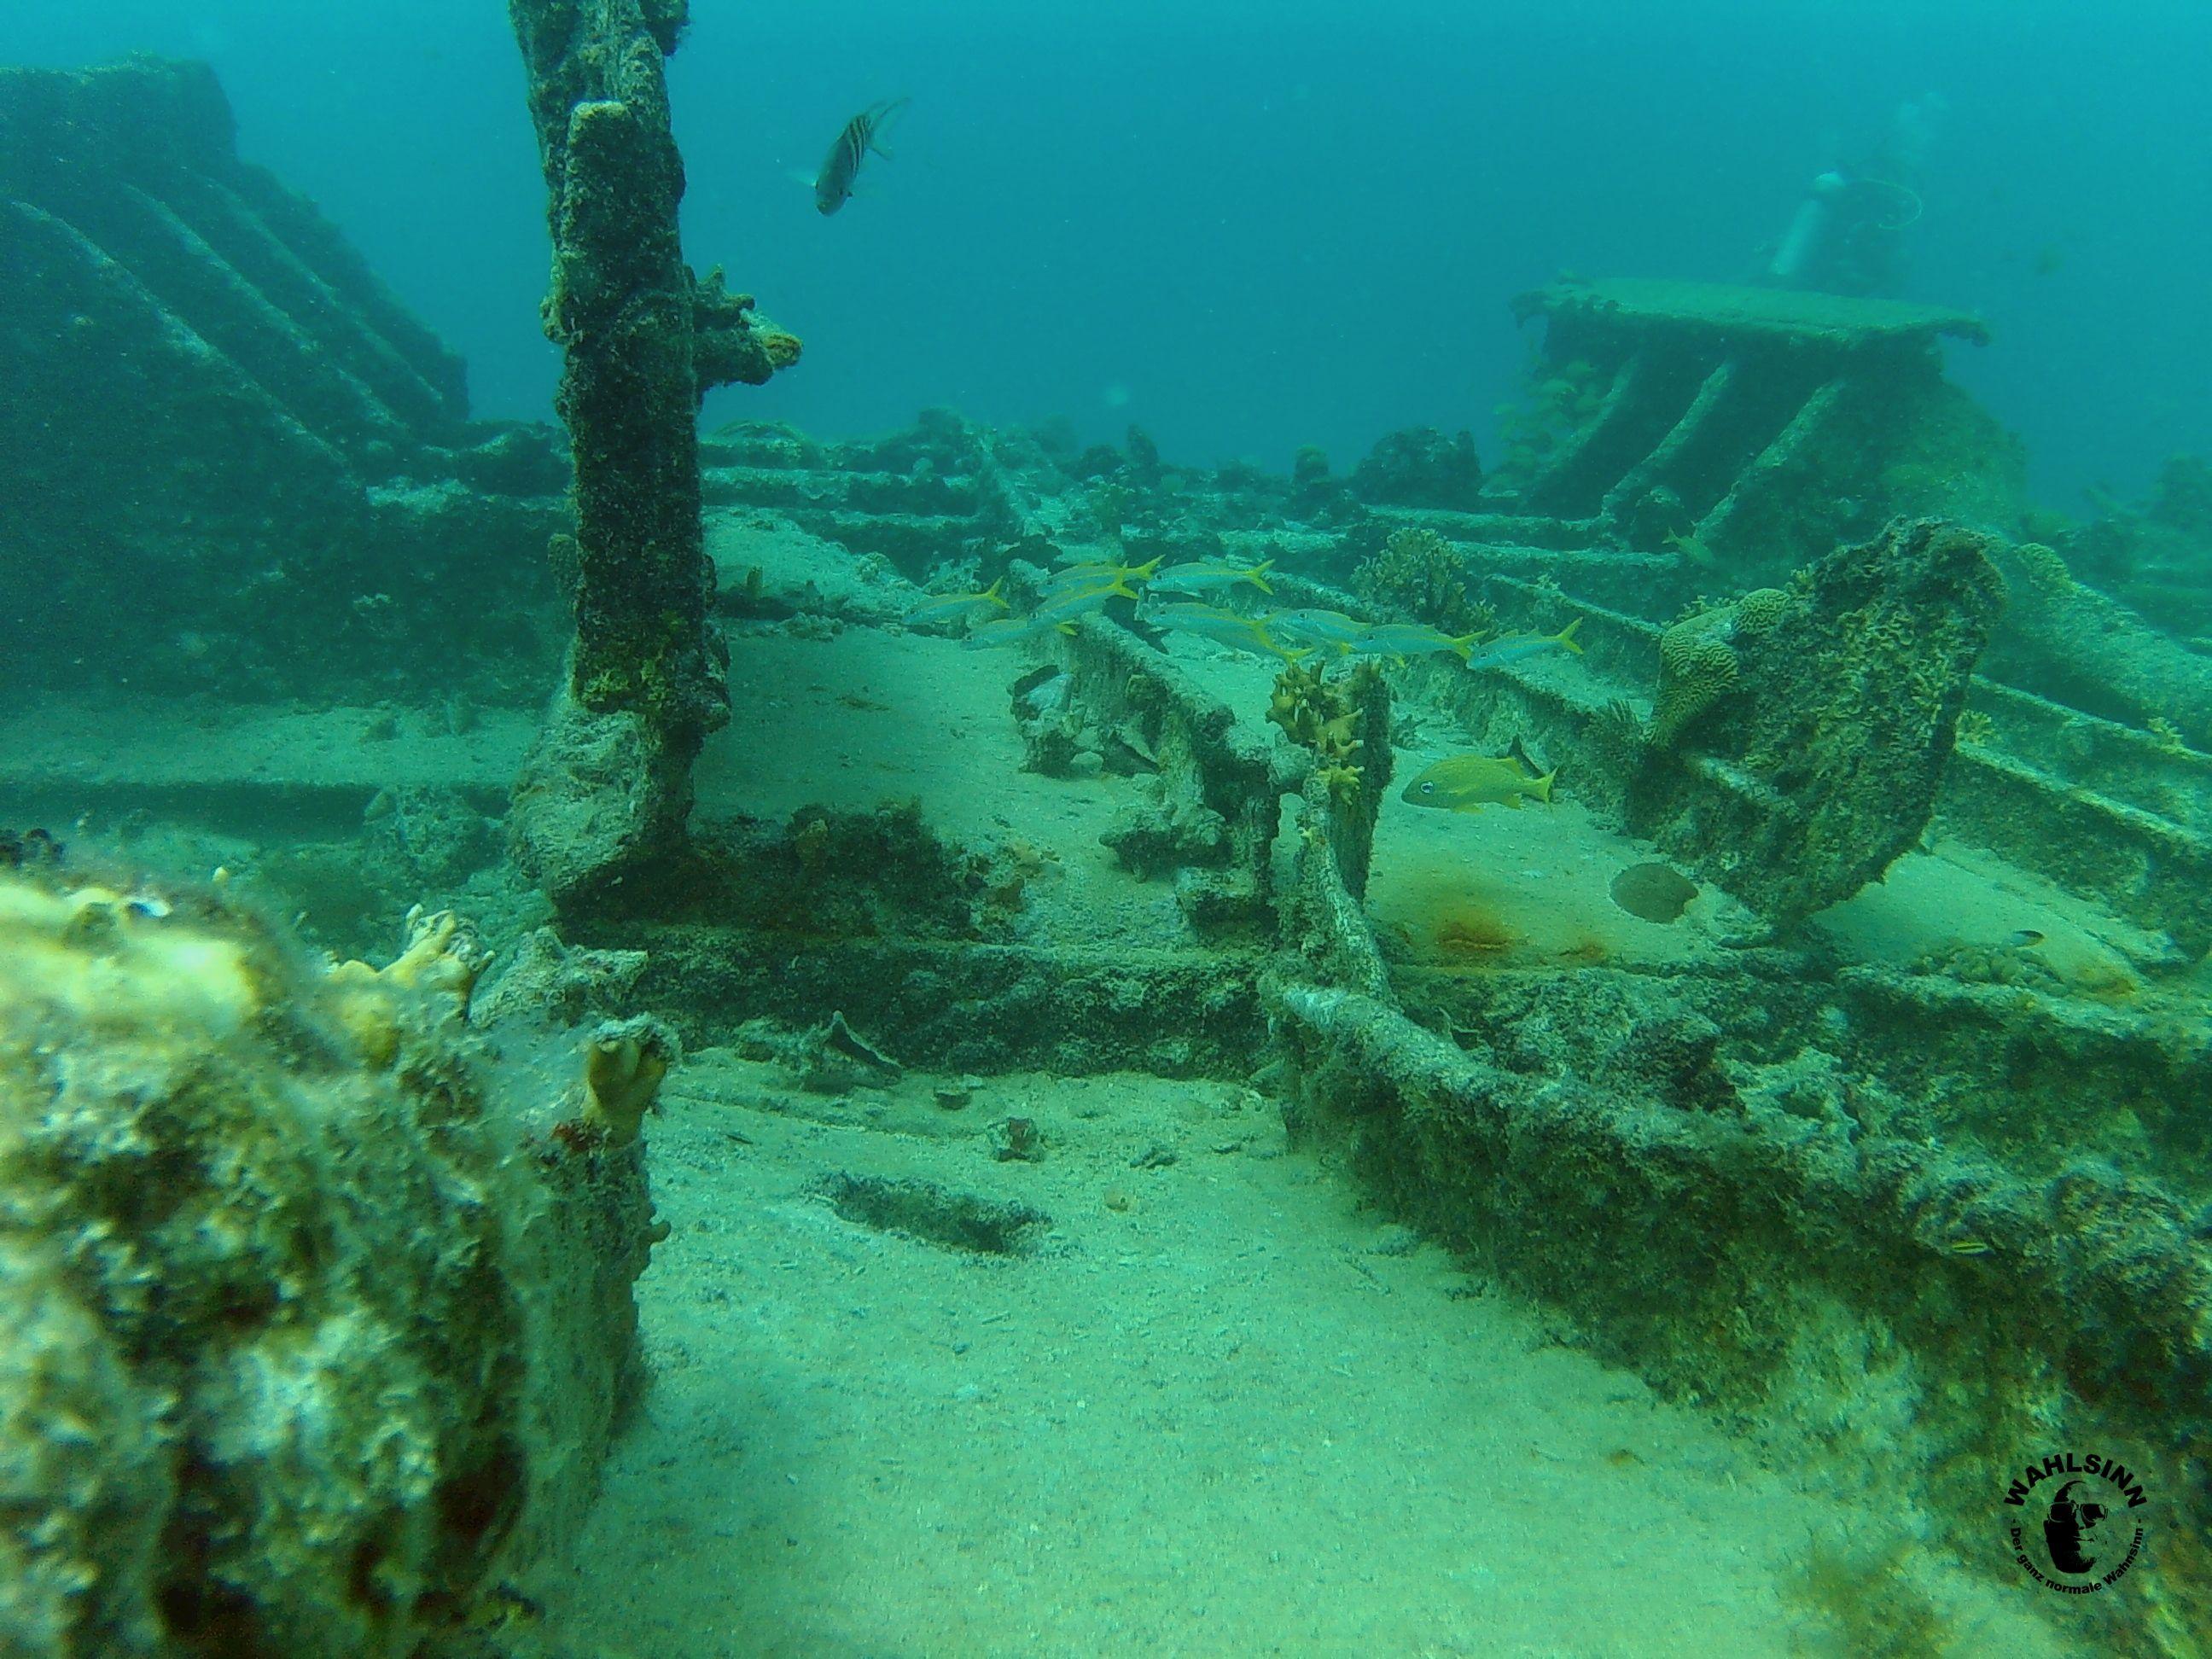 Aruba - eins der vielen Wracks die du beim Tauchen entdecken kannst. Ein Traum zum Tauchen - ohne dicken Anzug!